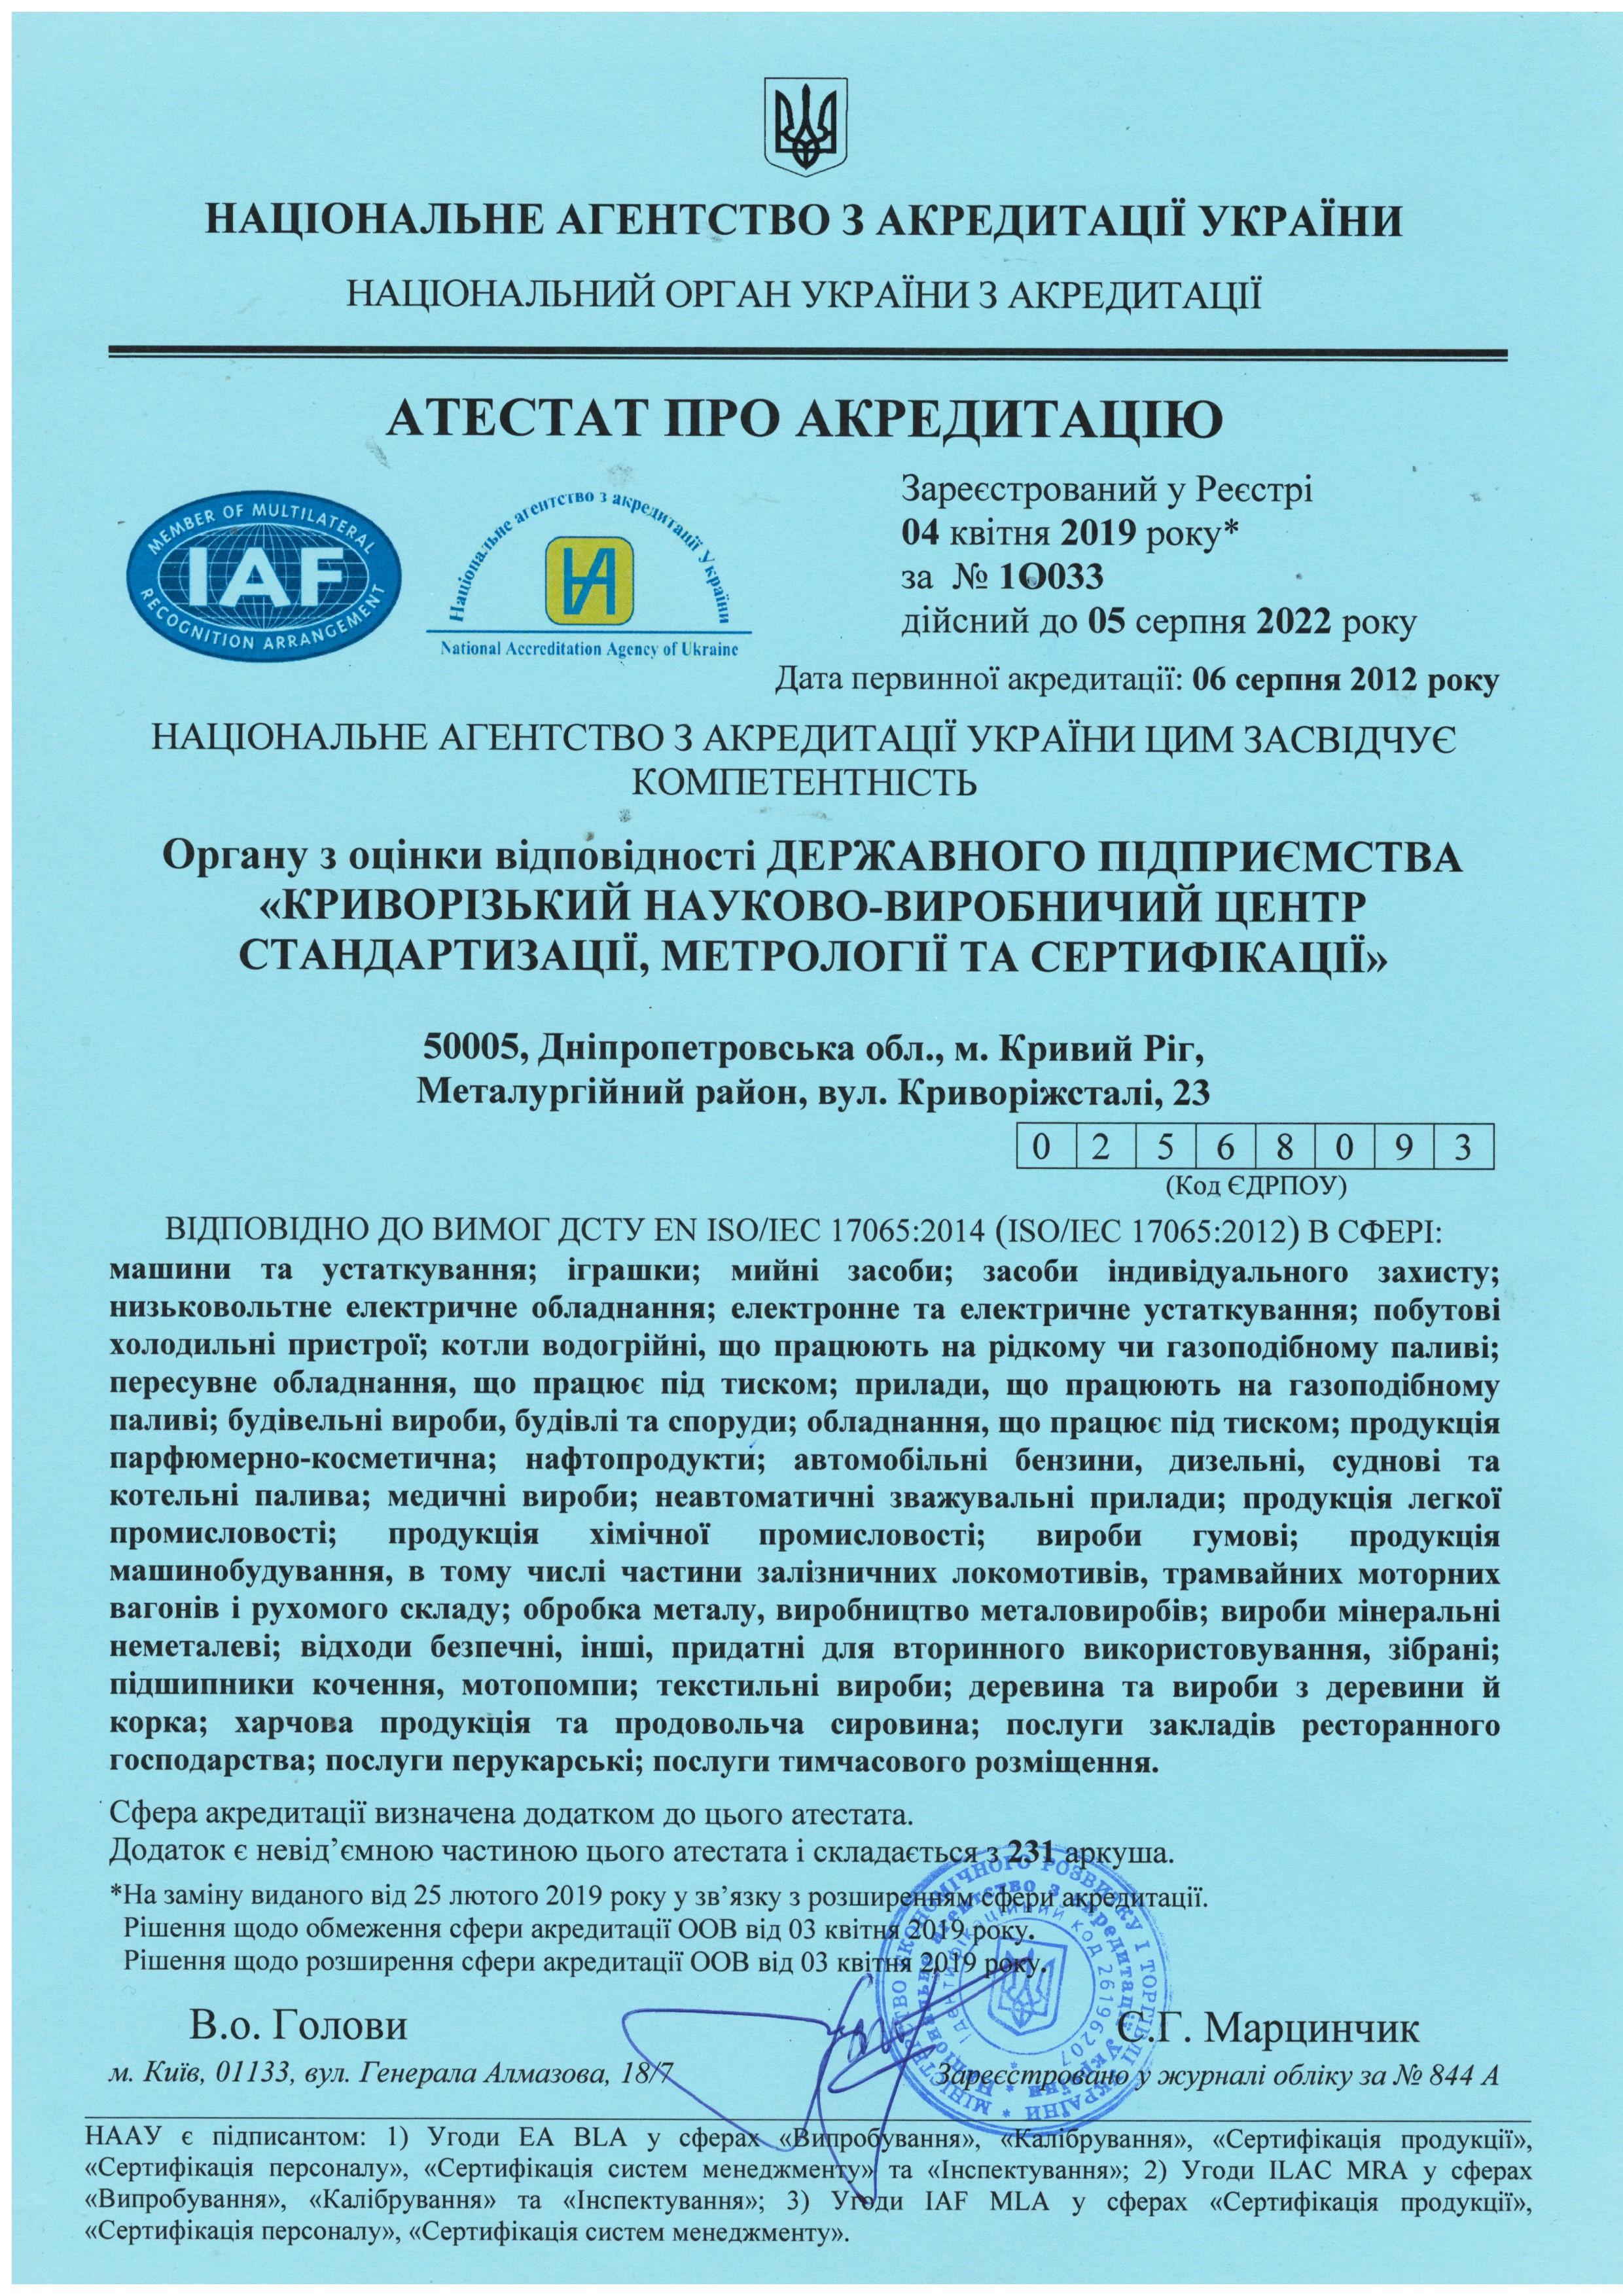 Наказами Міністерства економічного розвитку і торгівлі України призначений  органом з оцінки відповідності продукції вимогам технічних регламентів  6cac16a9dad3e